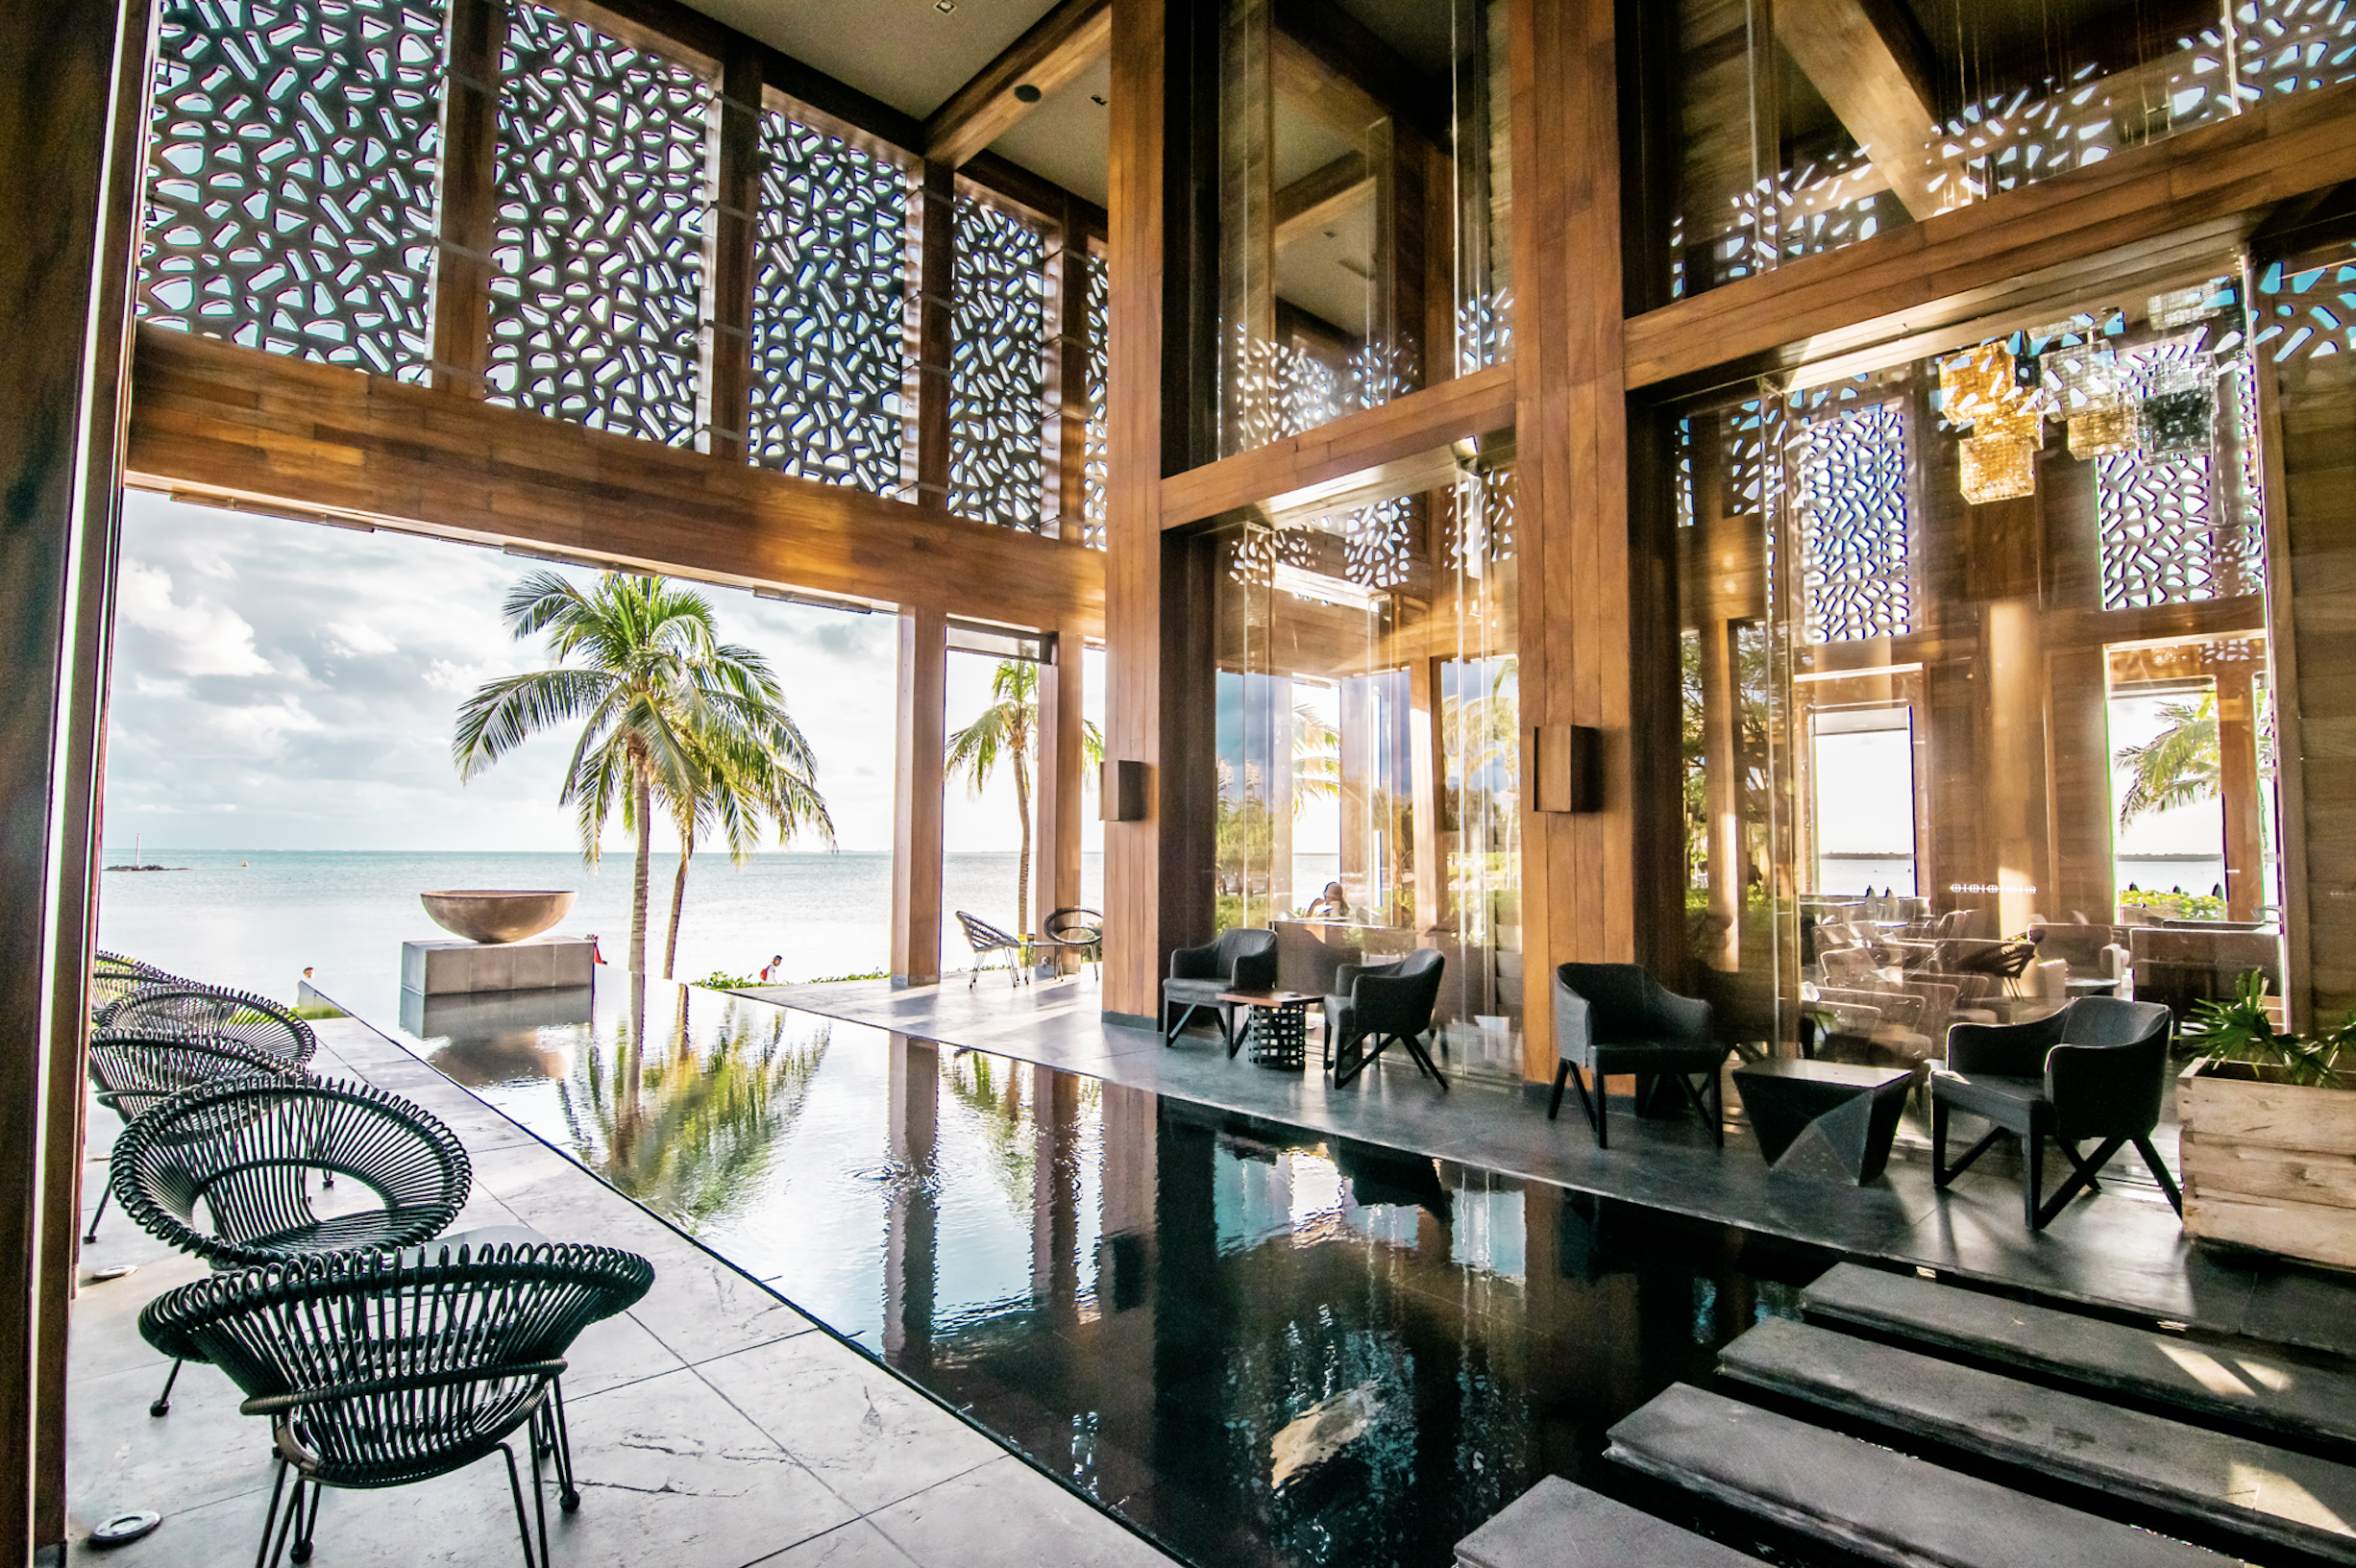 Exklusiva hotell och lyxiga resorts presenteras i vår guide. Fantastiska resor till exklusiva destinationer.